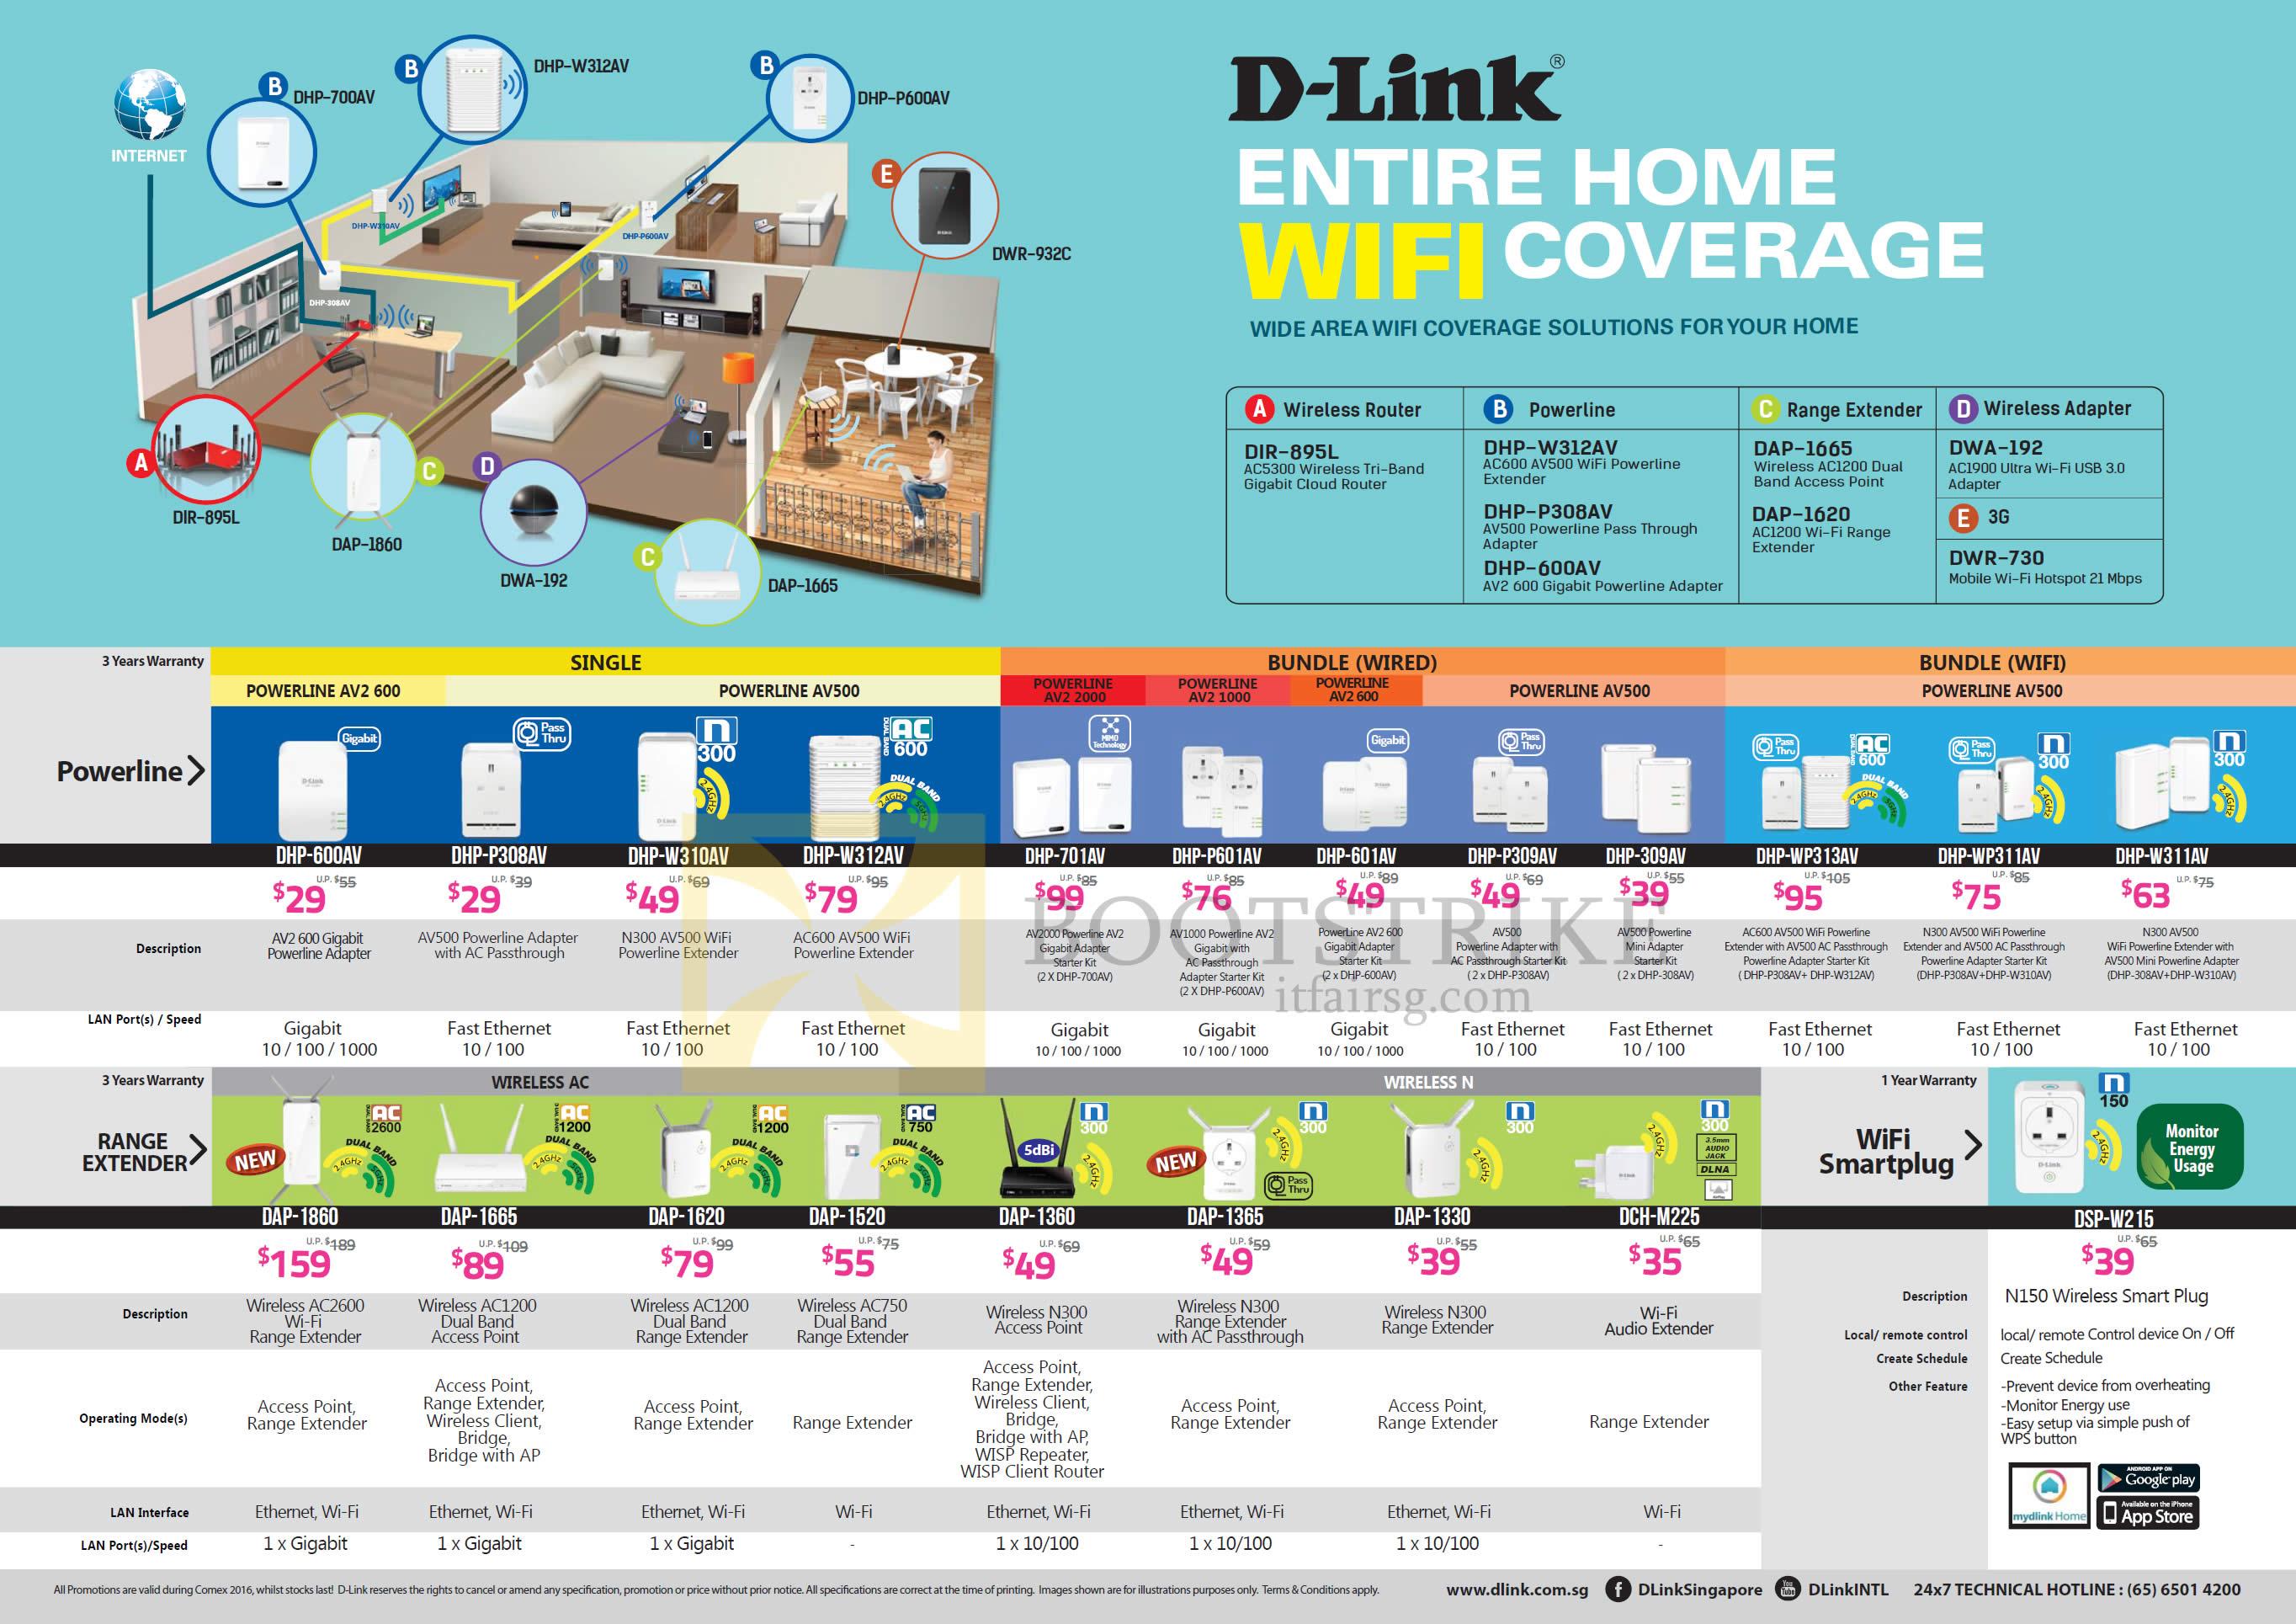 COMEX 2016 price list image brochure of D-Link Networking Powerline, Range Extenders, DHP-600AV, P308AV, W310AV, W312AV, 701AV, P601AV, 601AV, P309AV, WP313AV, WP311AV, DSP-W215, DCH-M225, DAP-1330, 1365